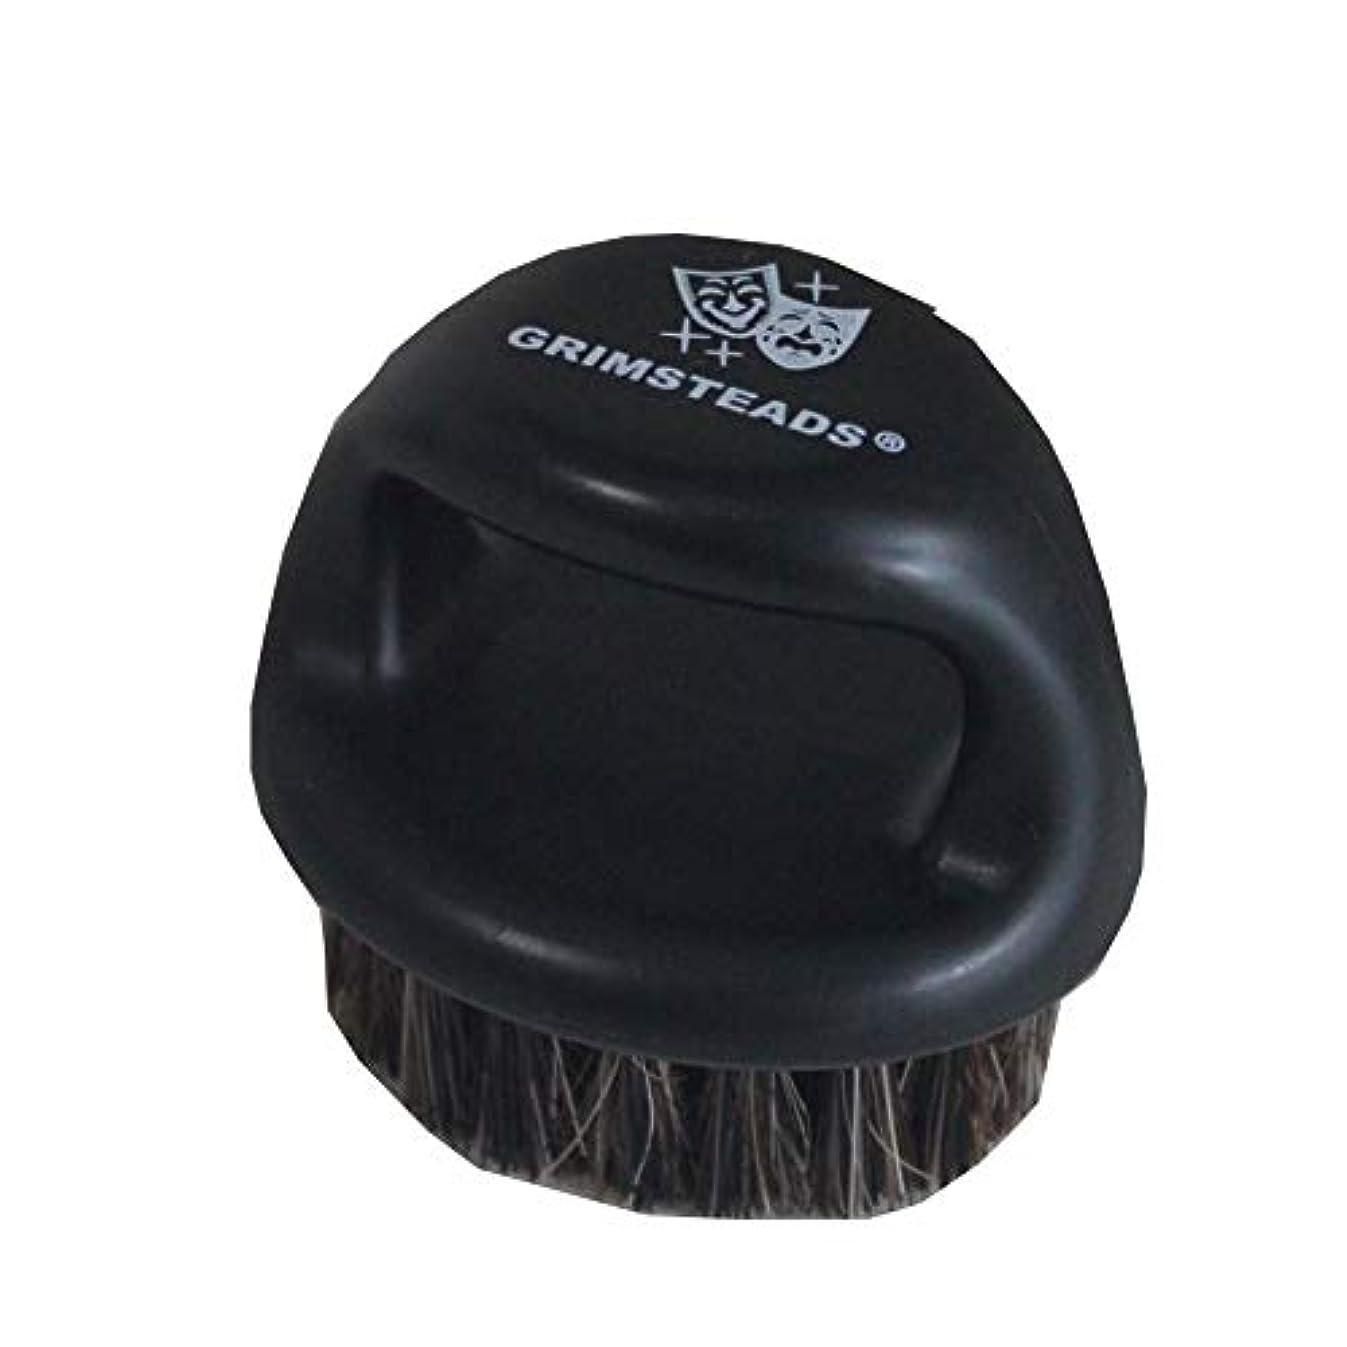 専制世代クレジットFADE BRUSH フェードブラシ GRIMSTEADS 美容室 理容室 BARBER